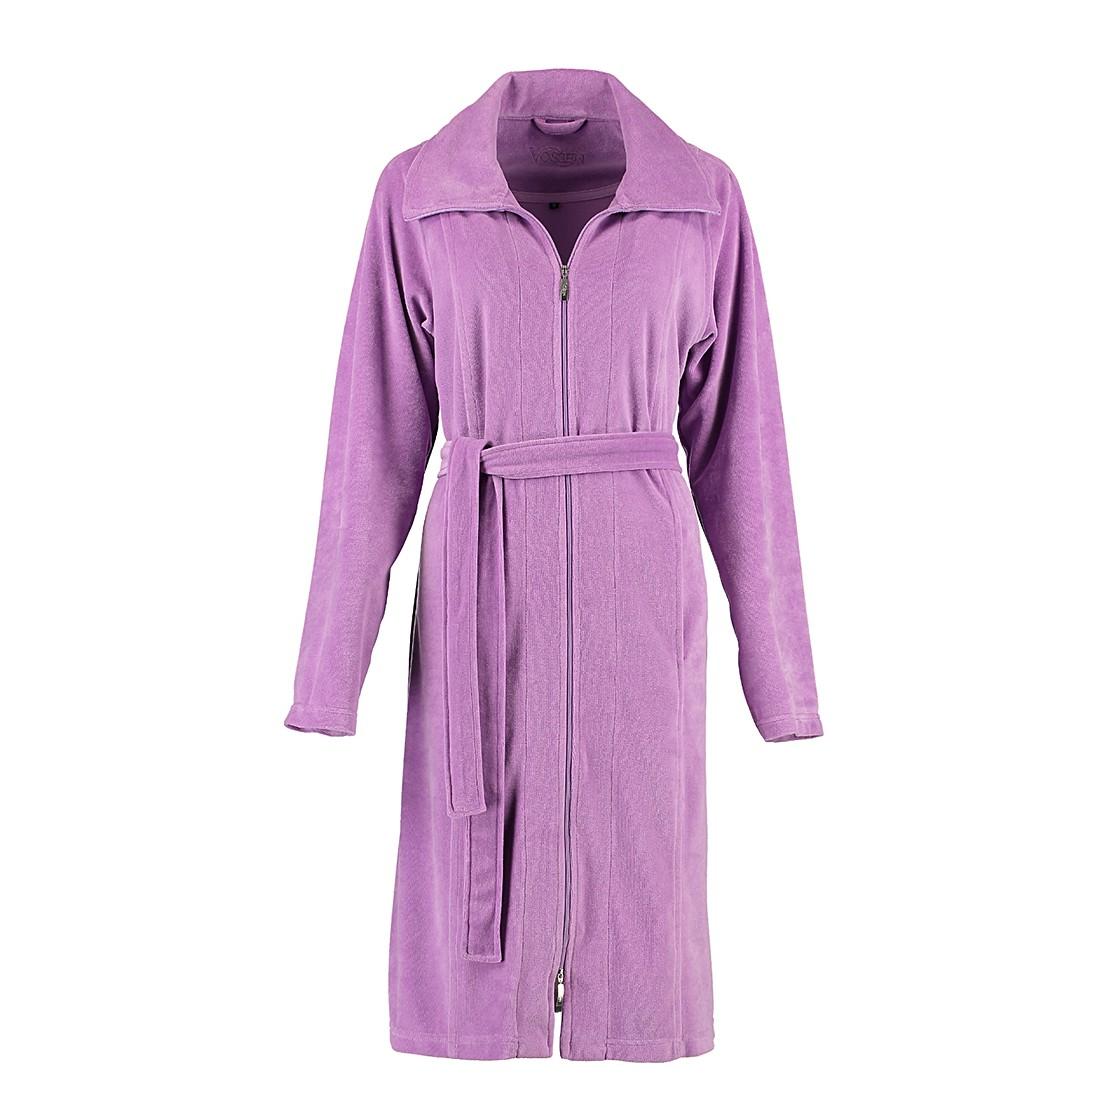 Bademäntel Damen Nora – Baumwolle/Polyester – Dark Lilac – M, Vossen online bestellen